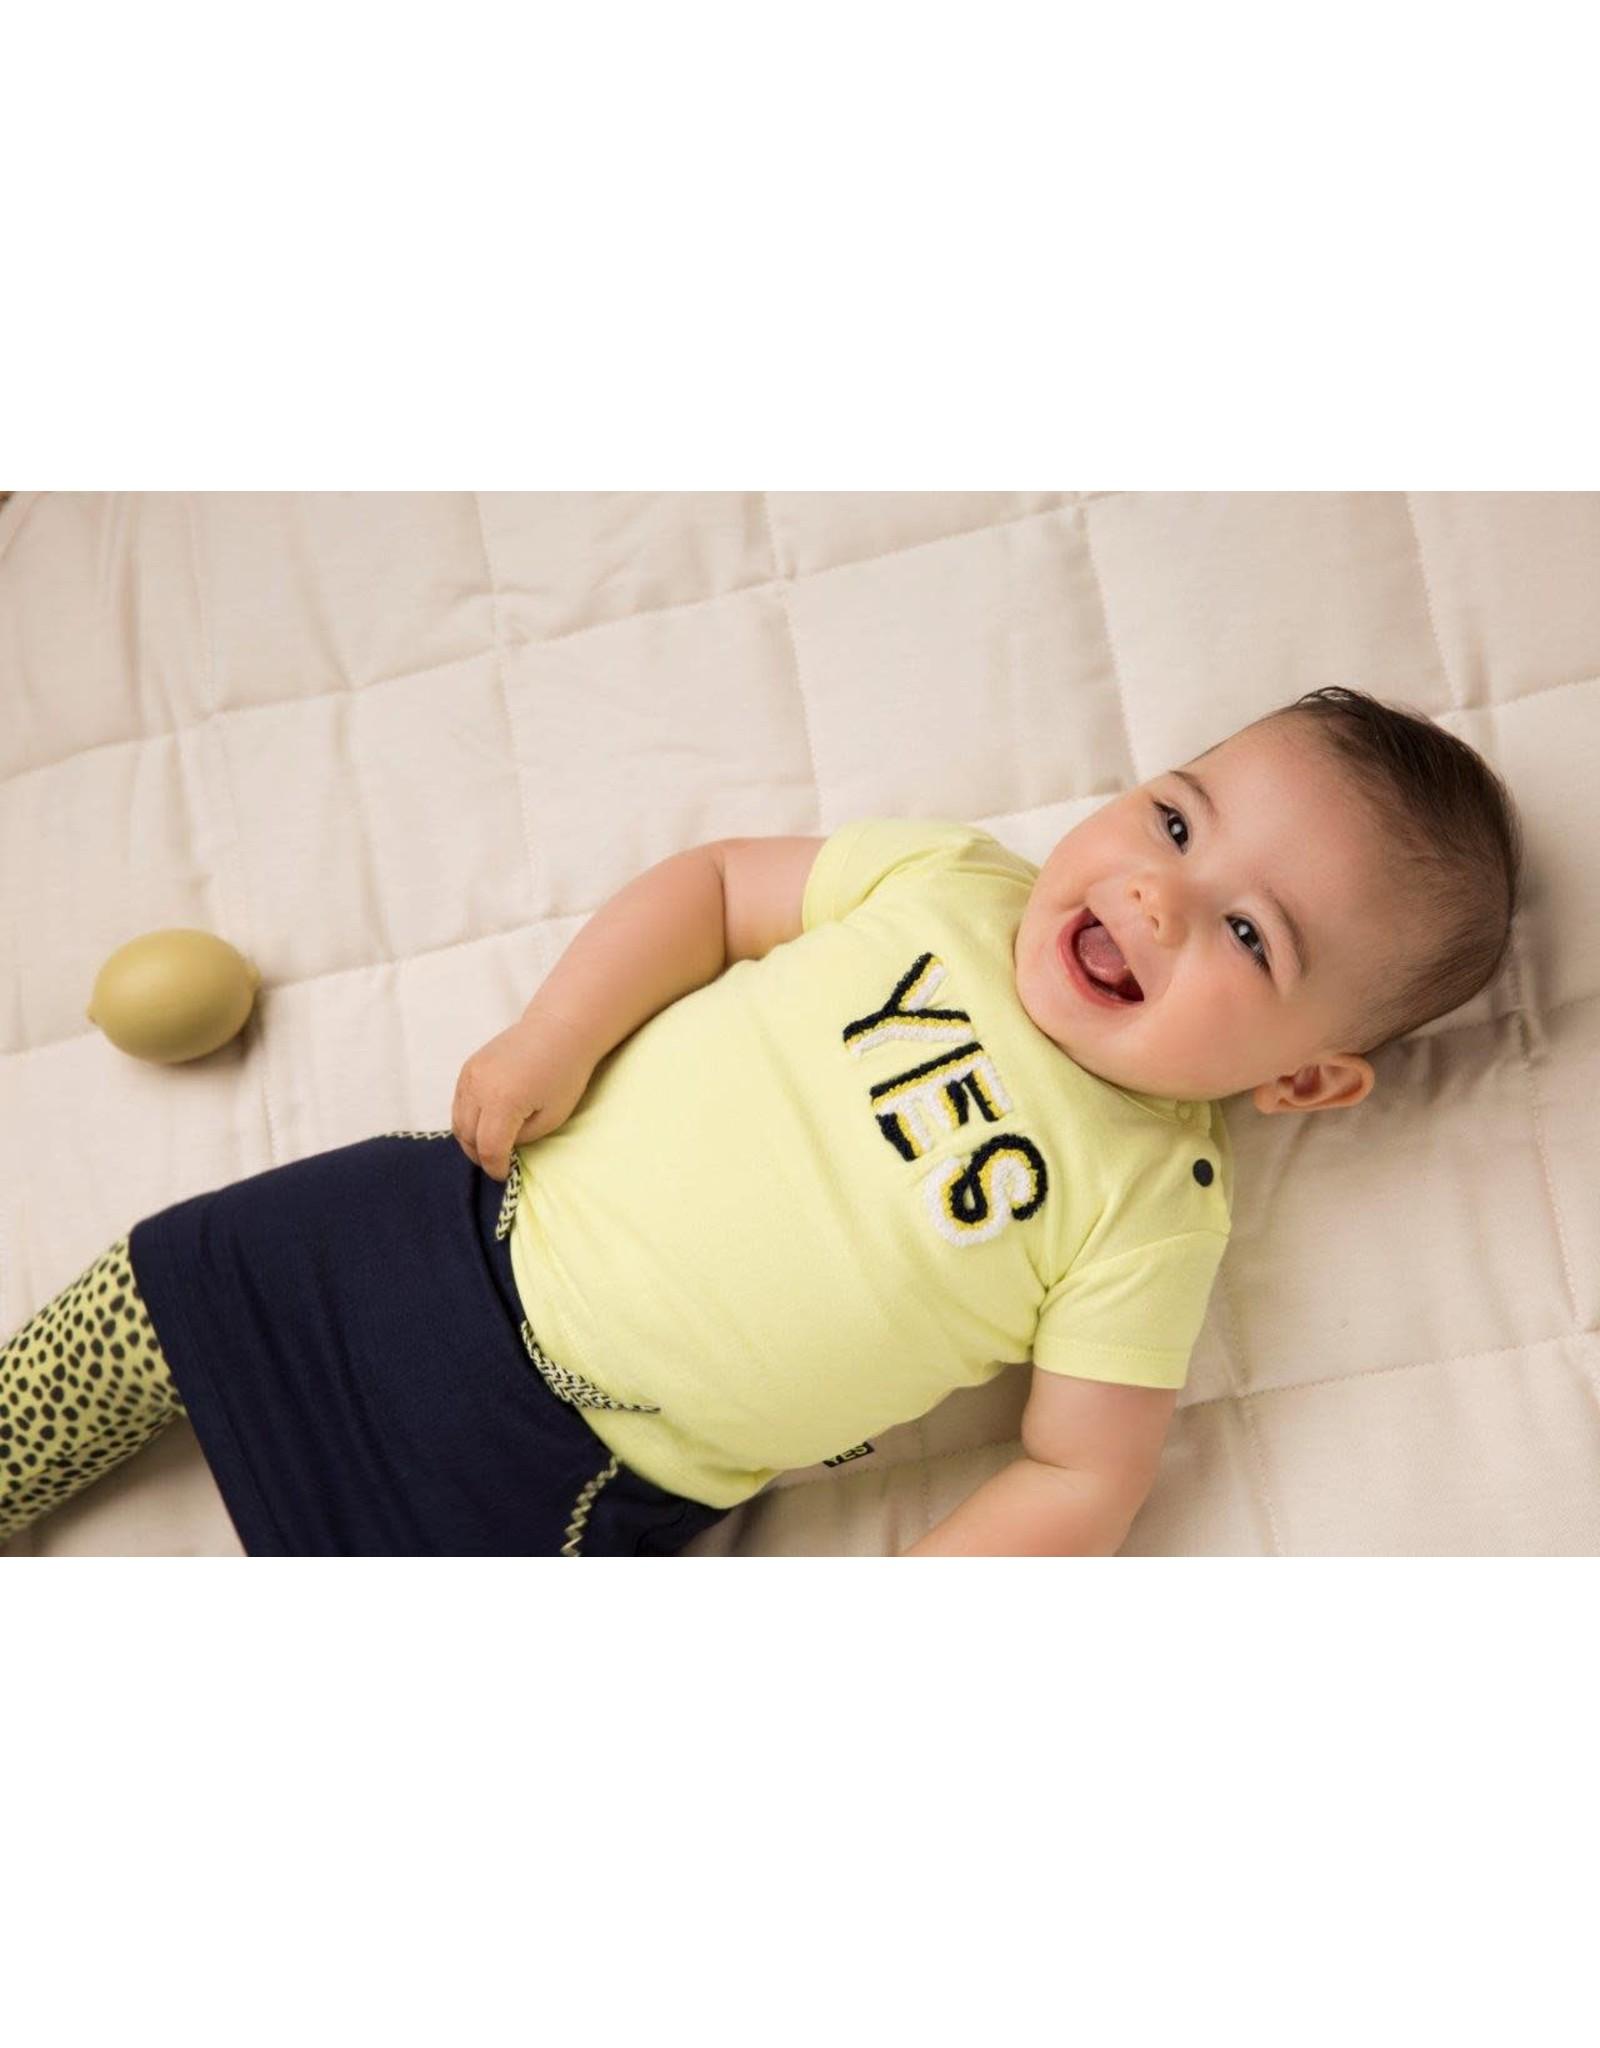 Dirkje Dirkje baby meisjes setje Yes Navy Yellow